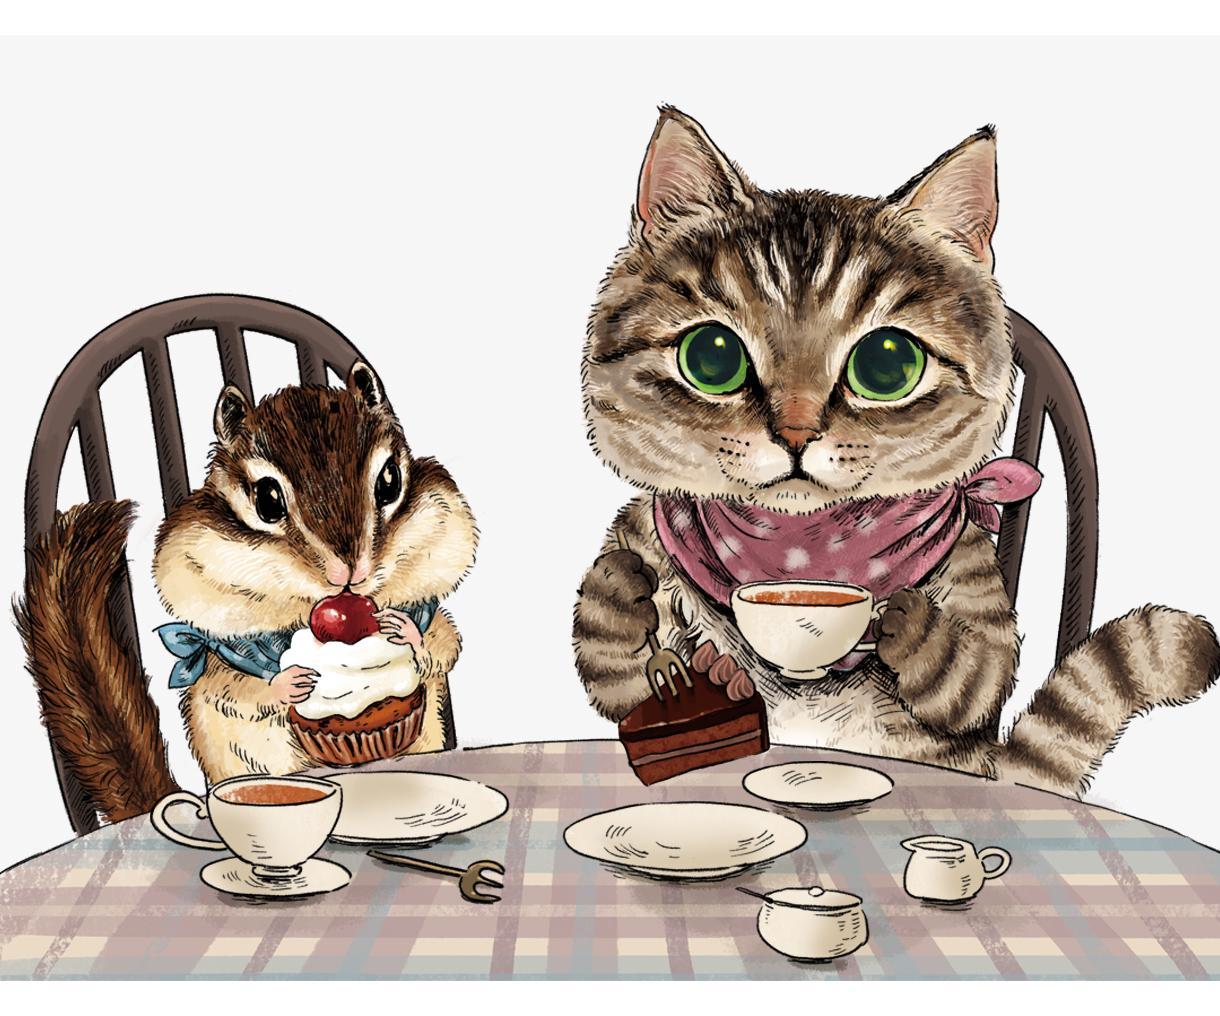 かわいいペットのイラストお描きします 猫、うざぎ、リス。リアルでシュールでかわいい擬人化動物! イメージ1